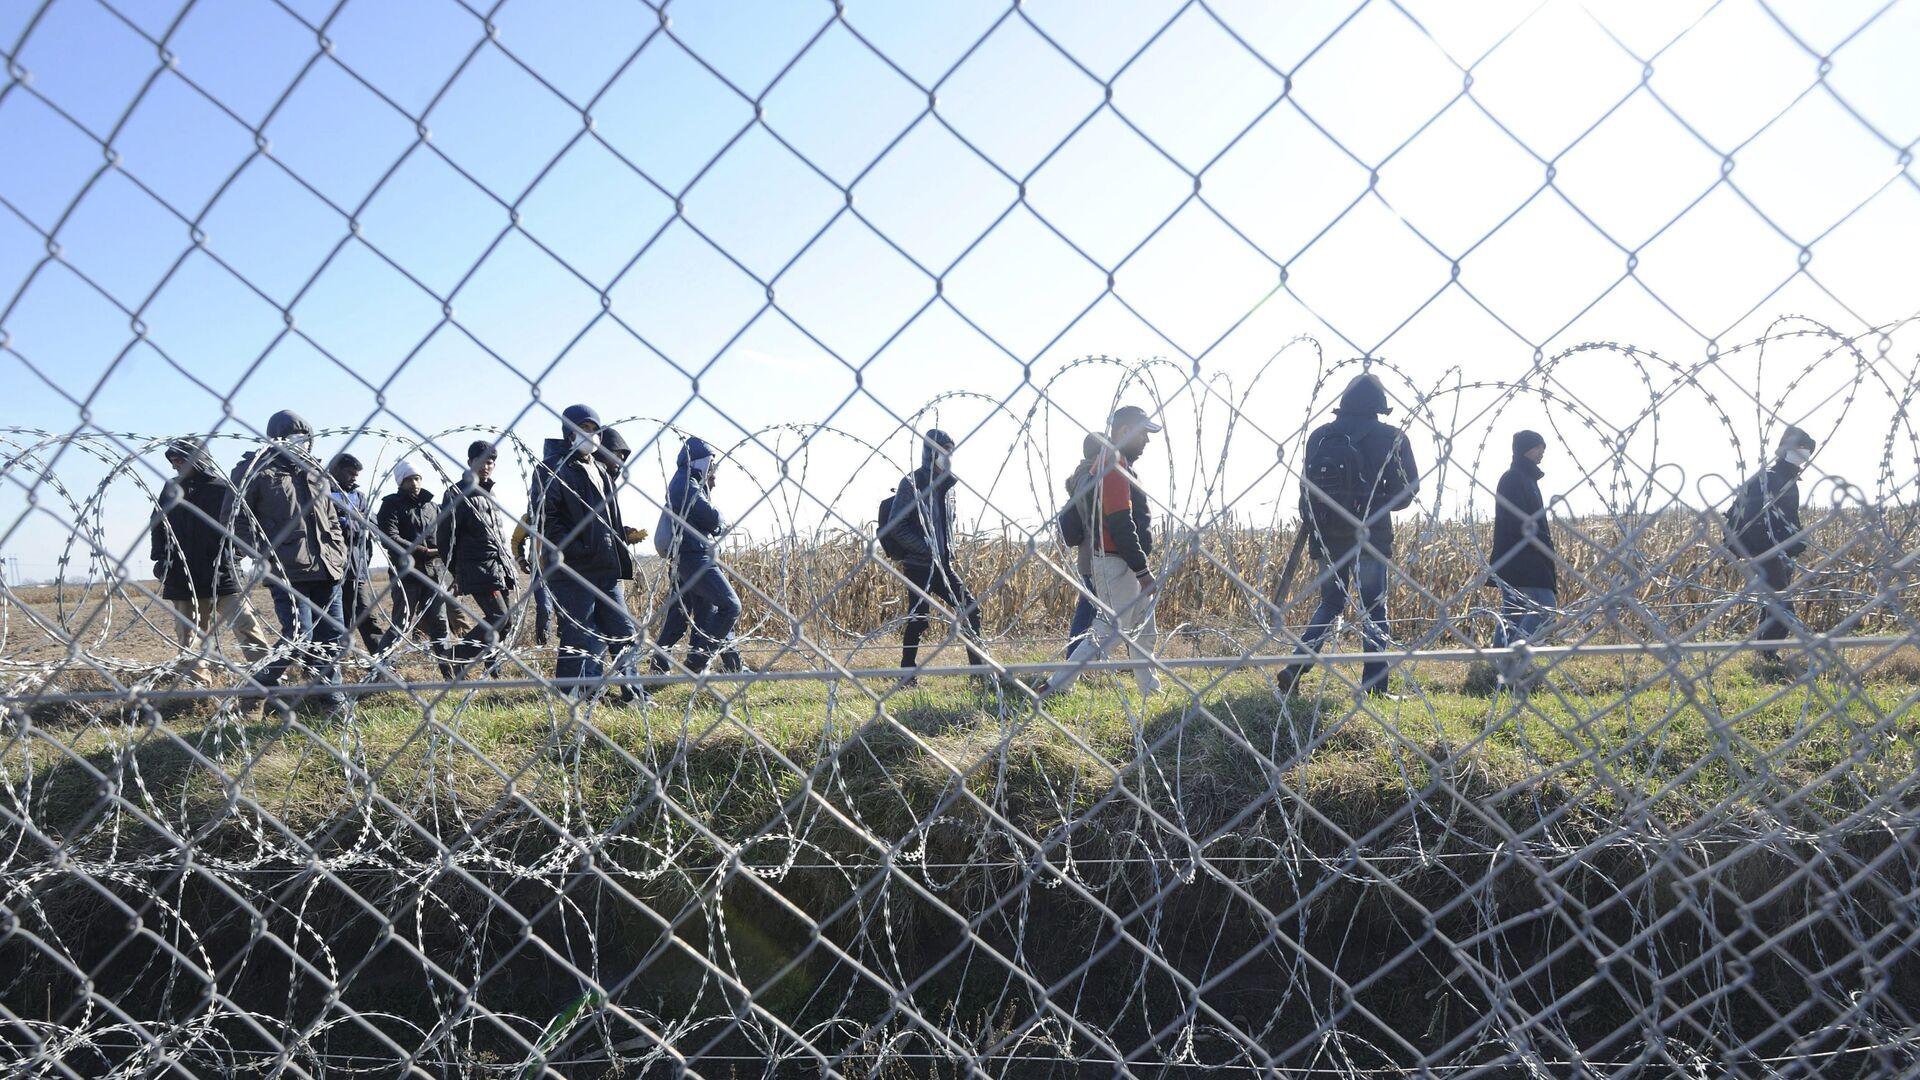 Migranti na hranici mezi Srbskem a Maďarskem - Sputnik Česká republika, 1920, 28.07.2021